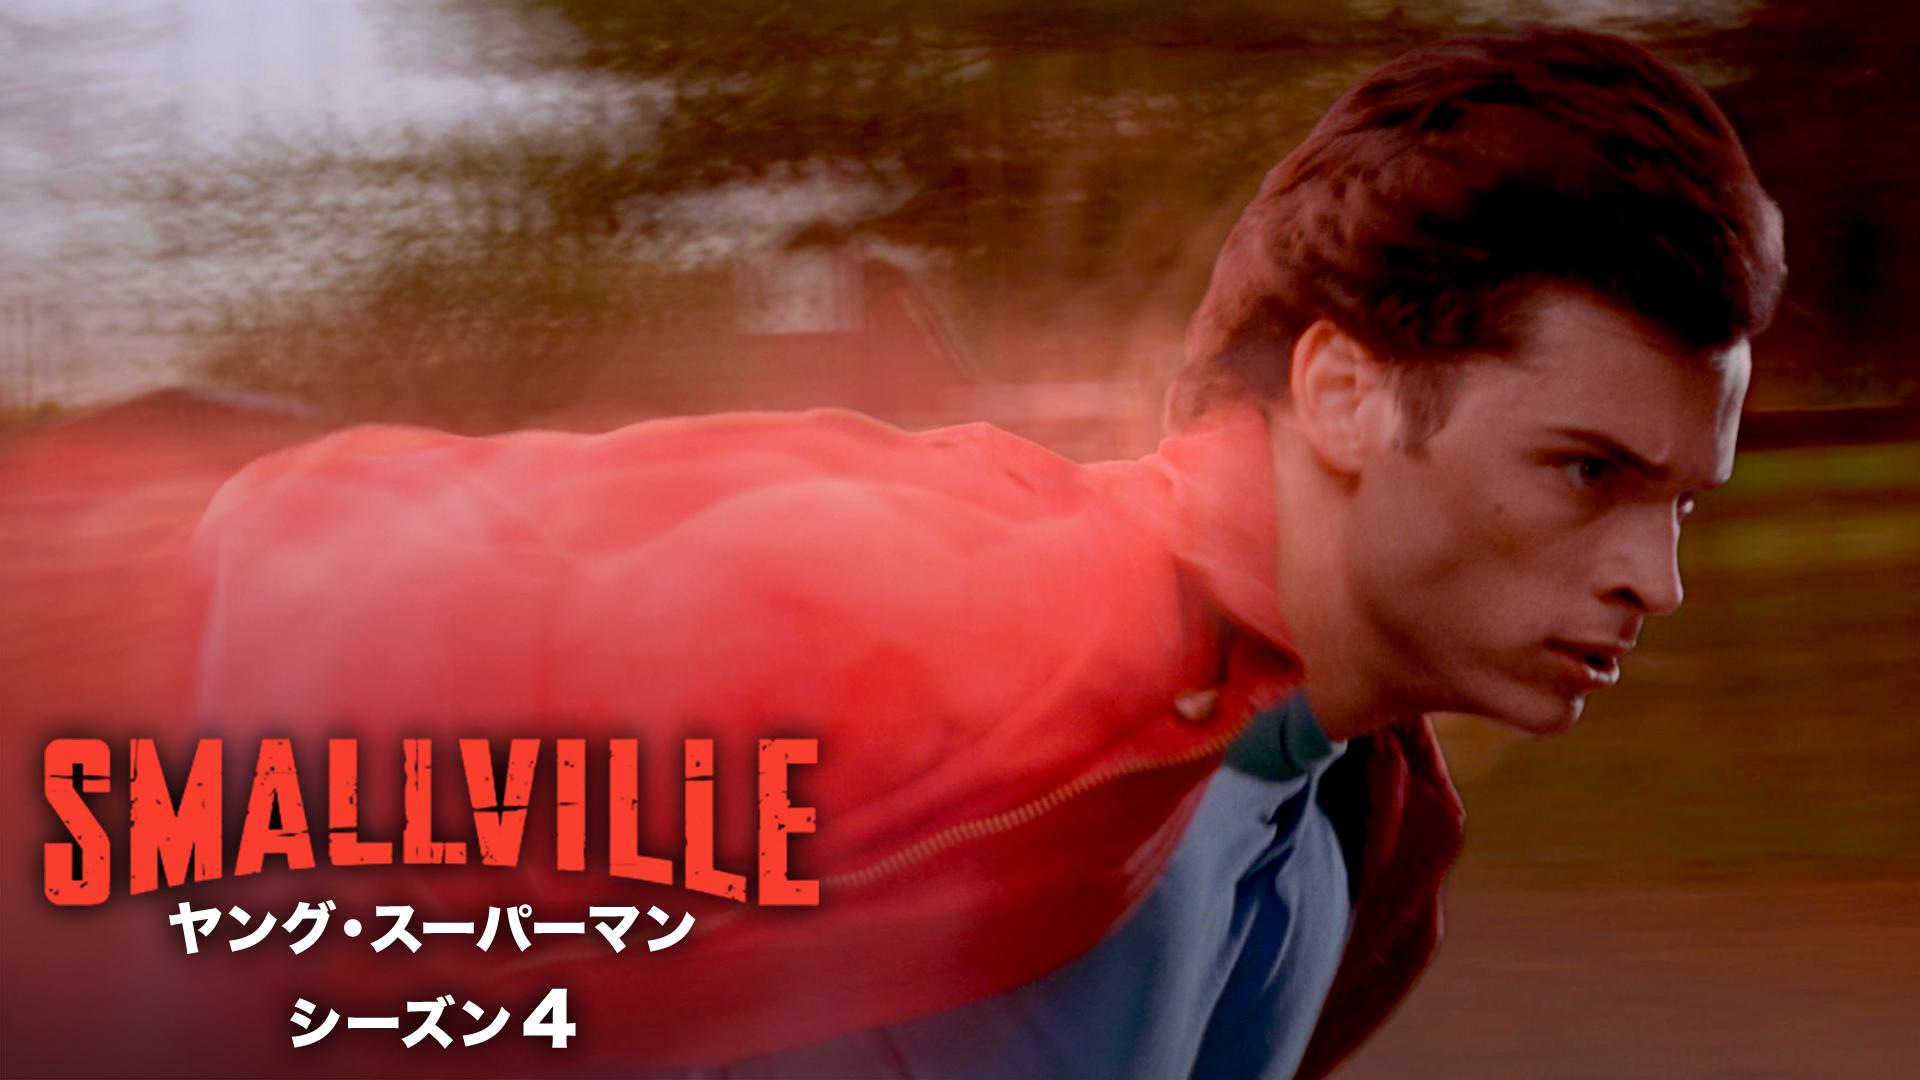 SMALLVILLE/ヤング・スーパーマン シーズン4の動画 - SMALLVILLE/ヤング・スーパーマン シーズン7